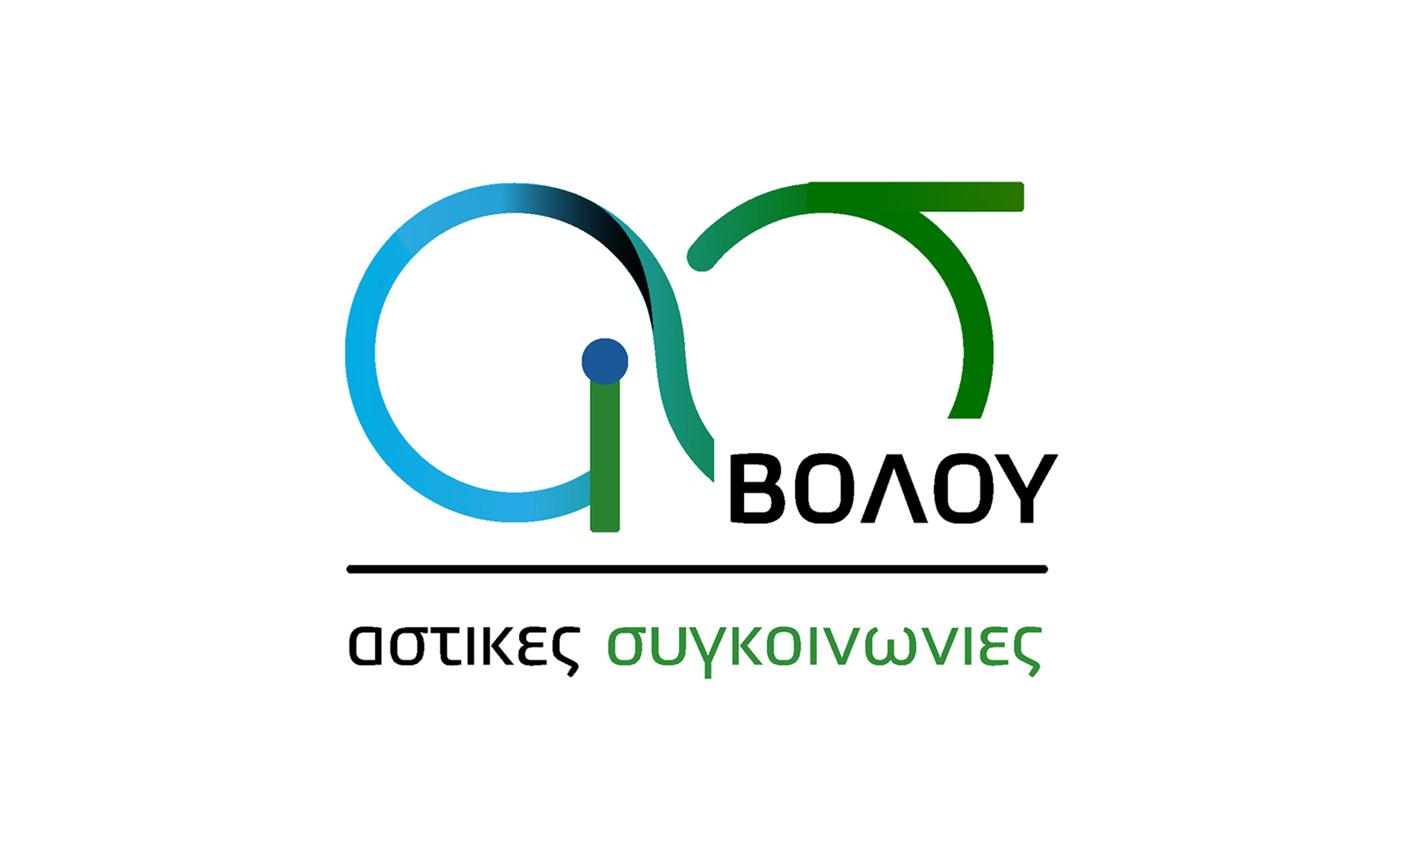 Νέο σήμα για το Αστικό ΚΤΕΛ Βόλου